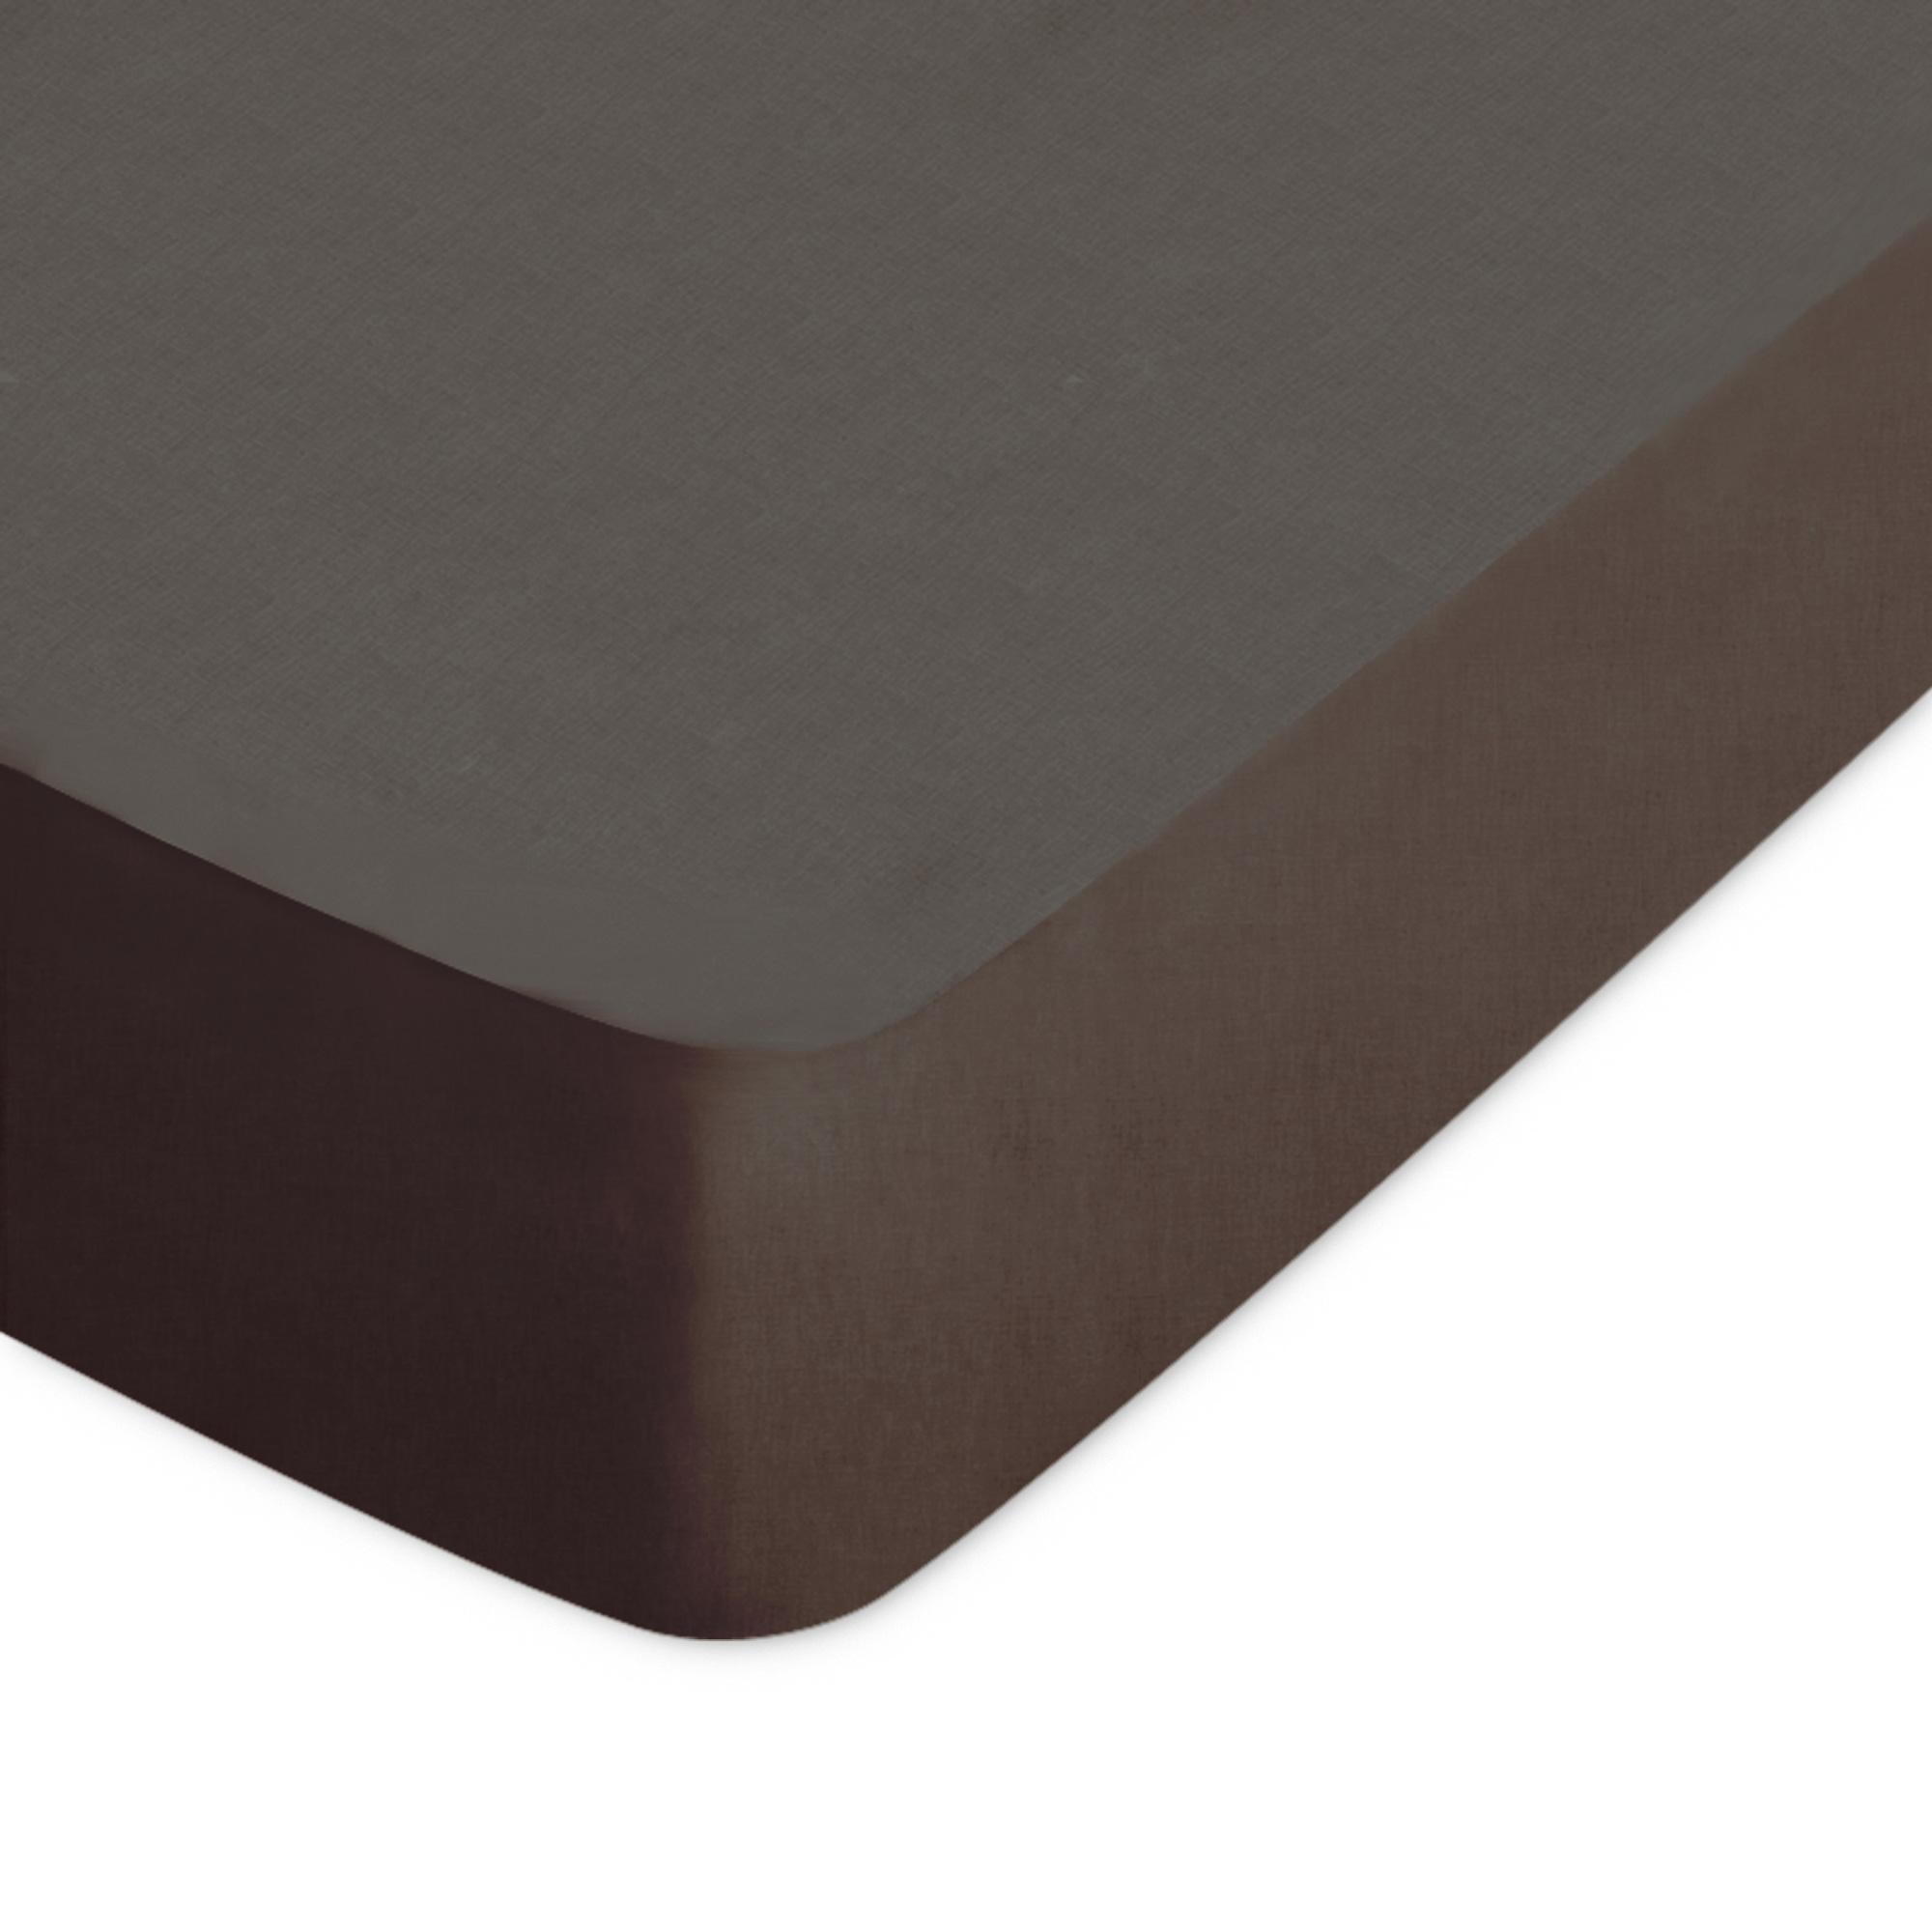 drap housse 120x200 coton Drap housse uni 120x200 100% coton ALTO Manganese   eBay drap housse 120x200 coton